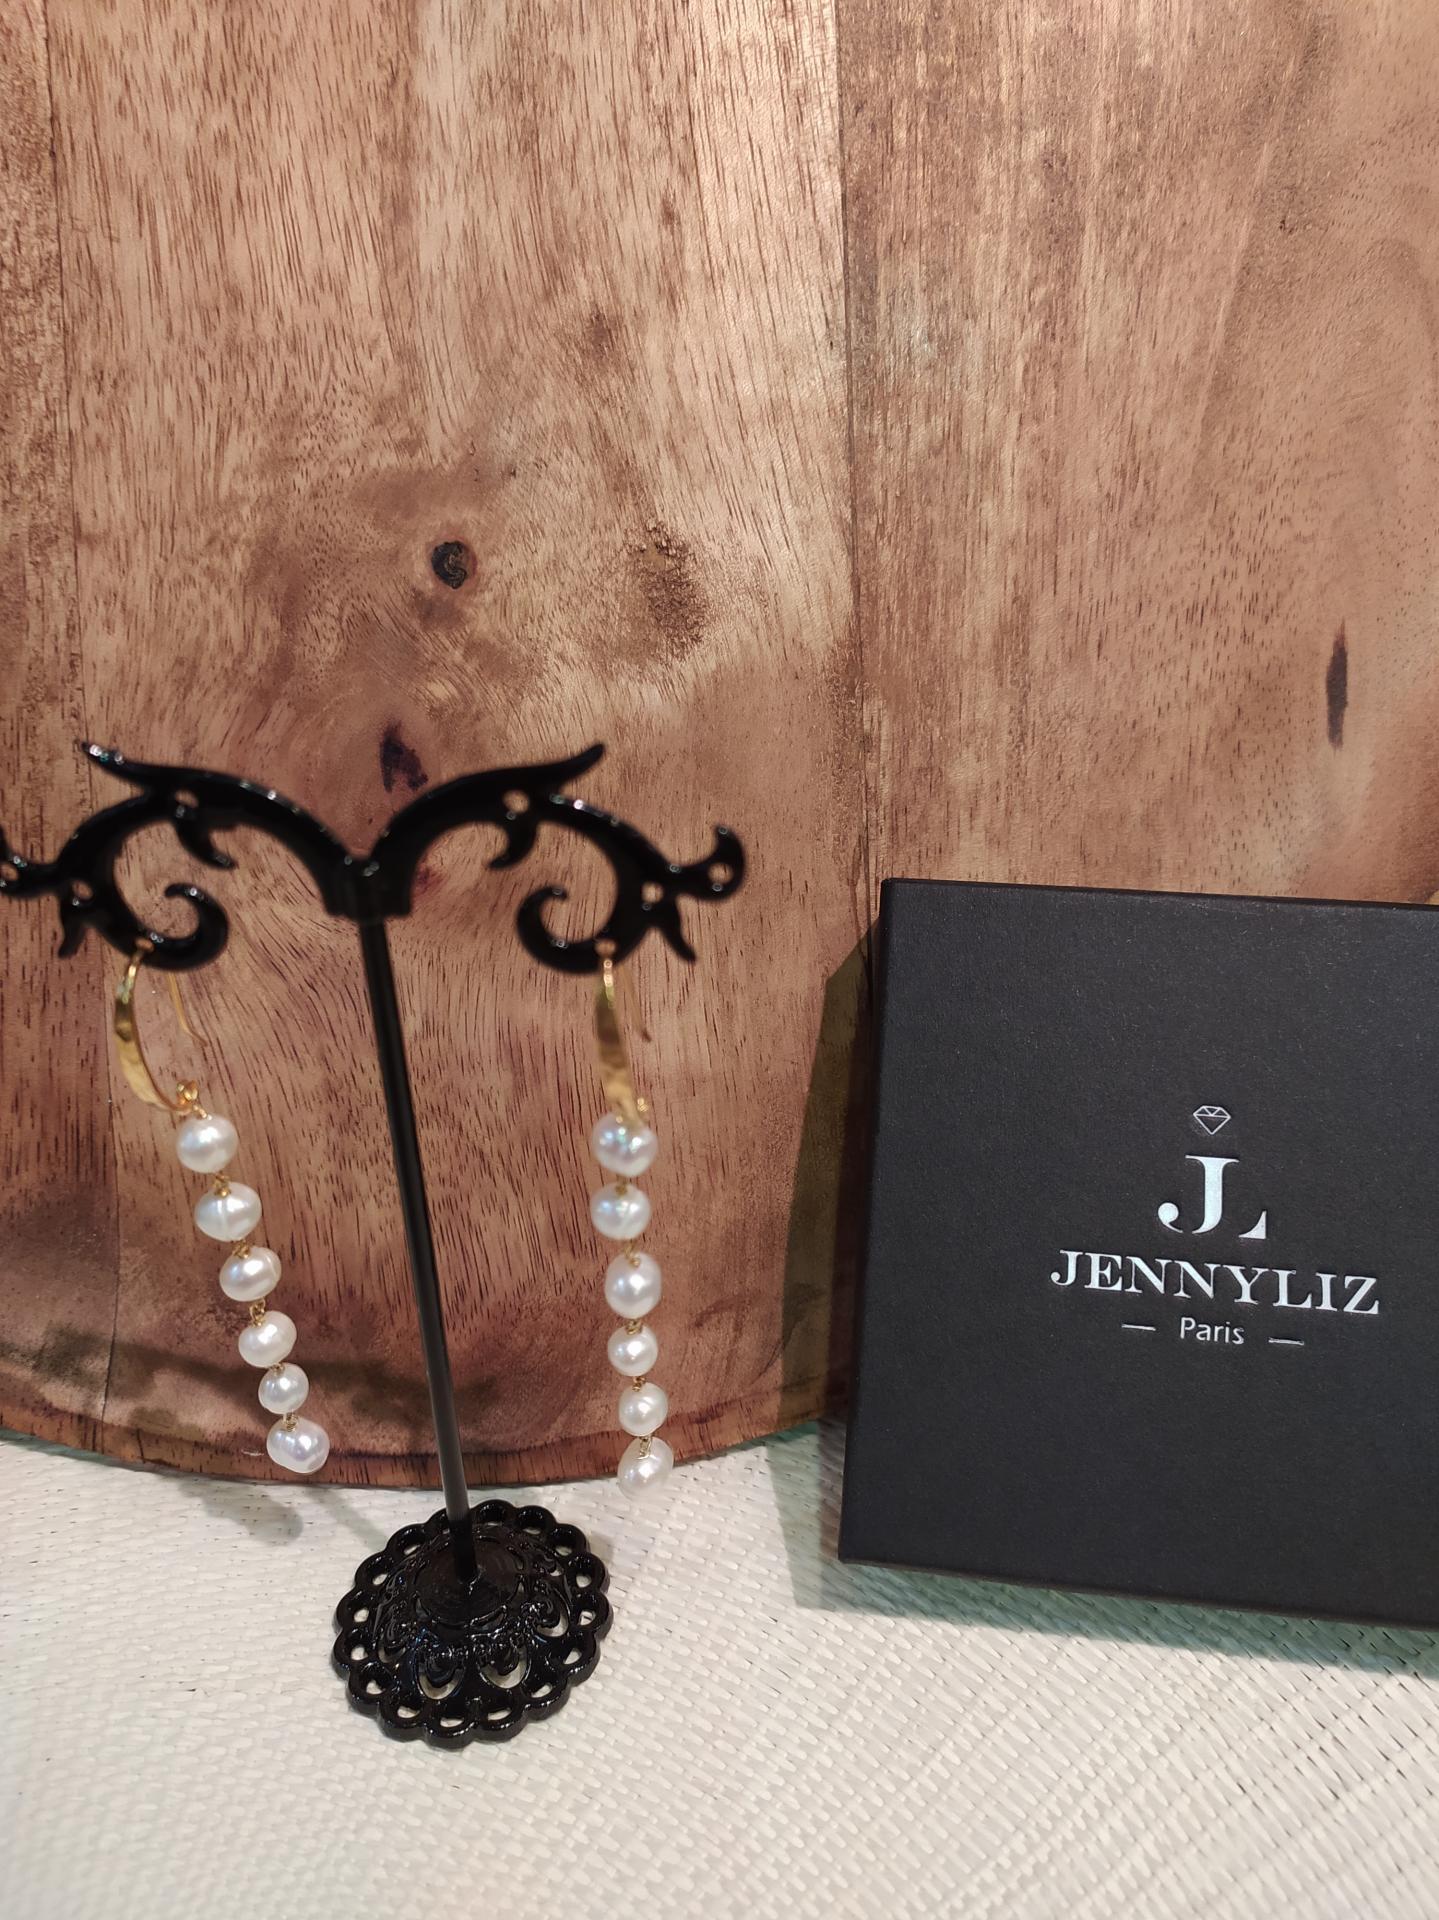 Bo perles d eau douce ref 315 1 23 gr prix 59 eur longueur totale environ 7cm